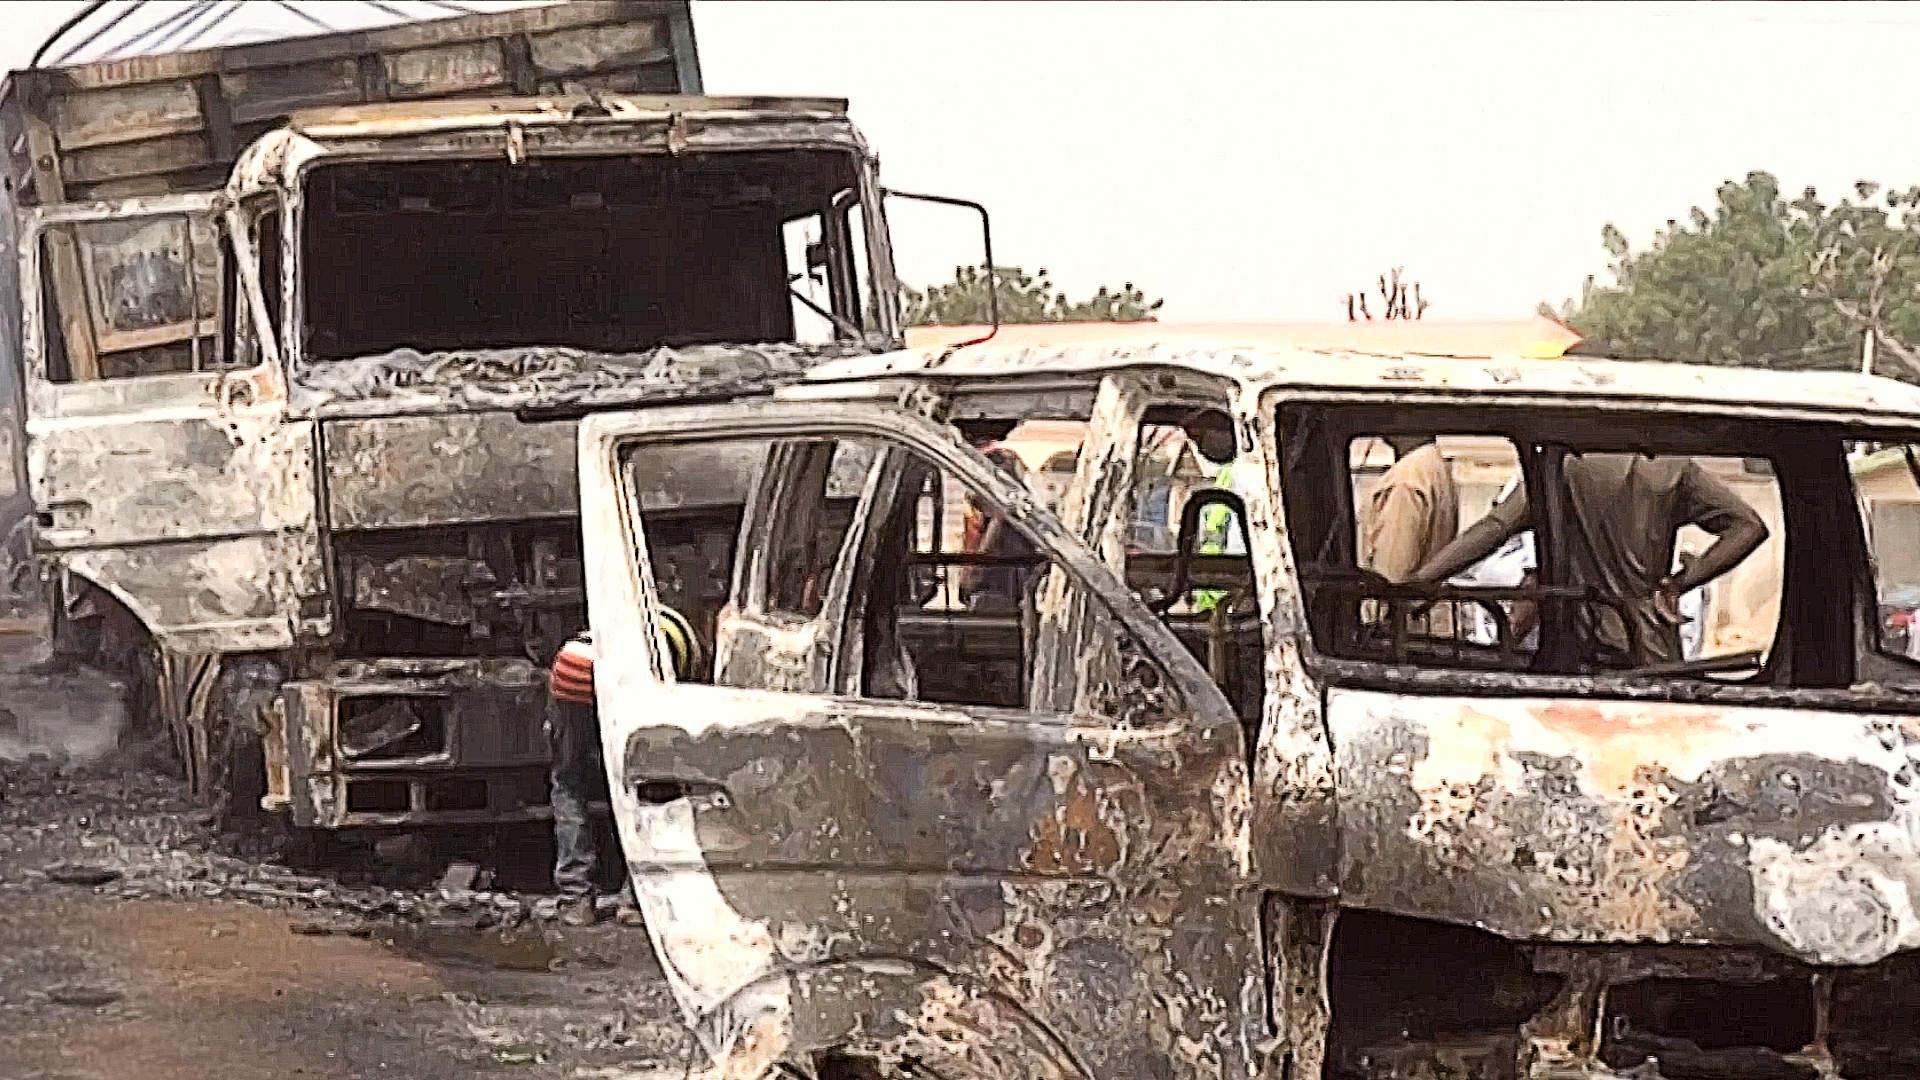 Attackers kill, abduct dozens in northeast Nigeria